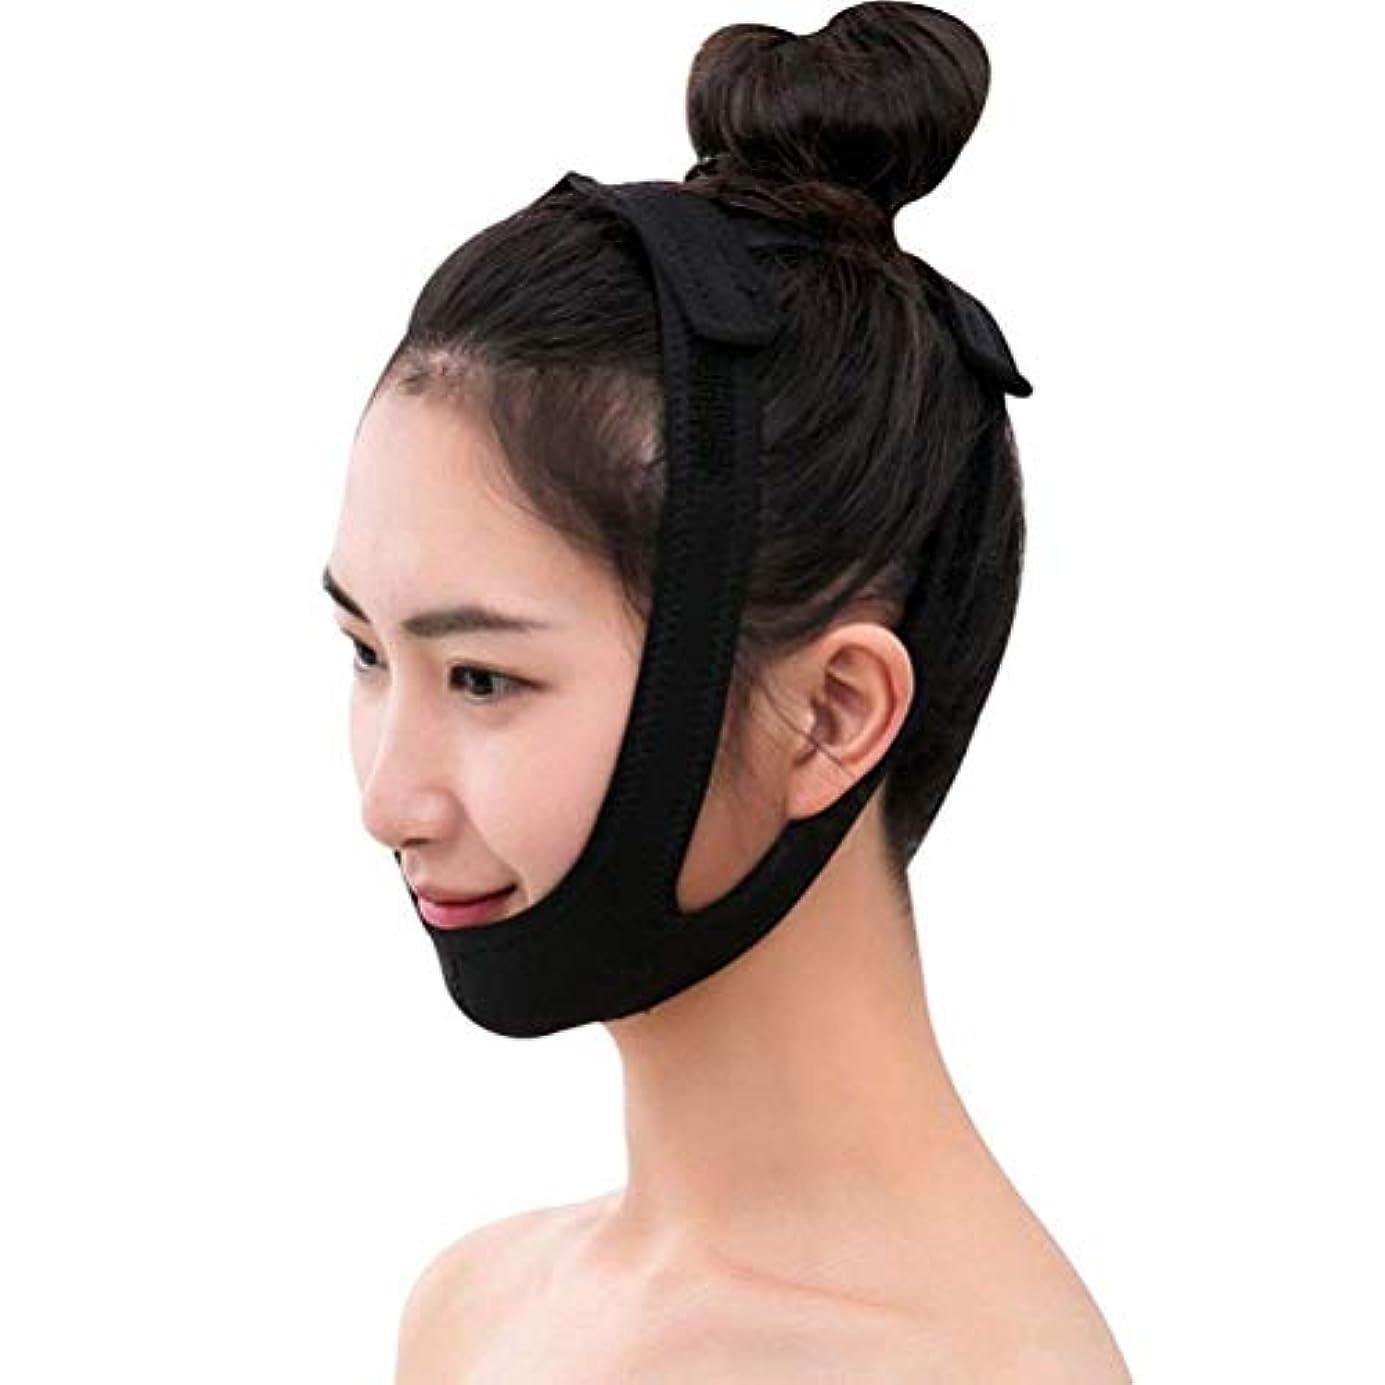 漁師調査状態フェイスリフティングマスク、フェイスリフティング包帯V字型マスク/整形およびリフト/二重あごベルト/美容マスクフェイスリフト/縮小二重あご包帯/顔面矯正ベルト